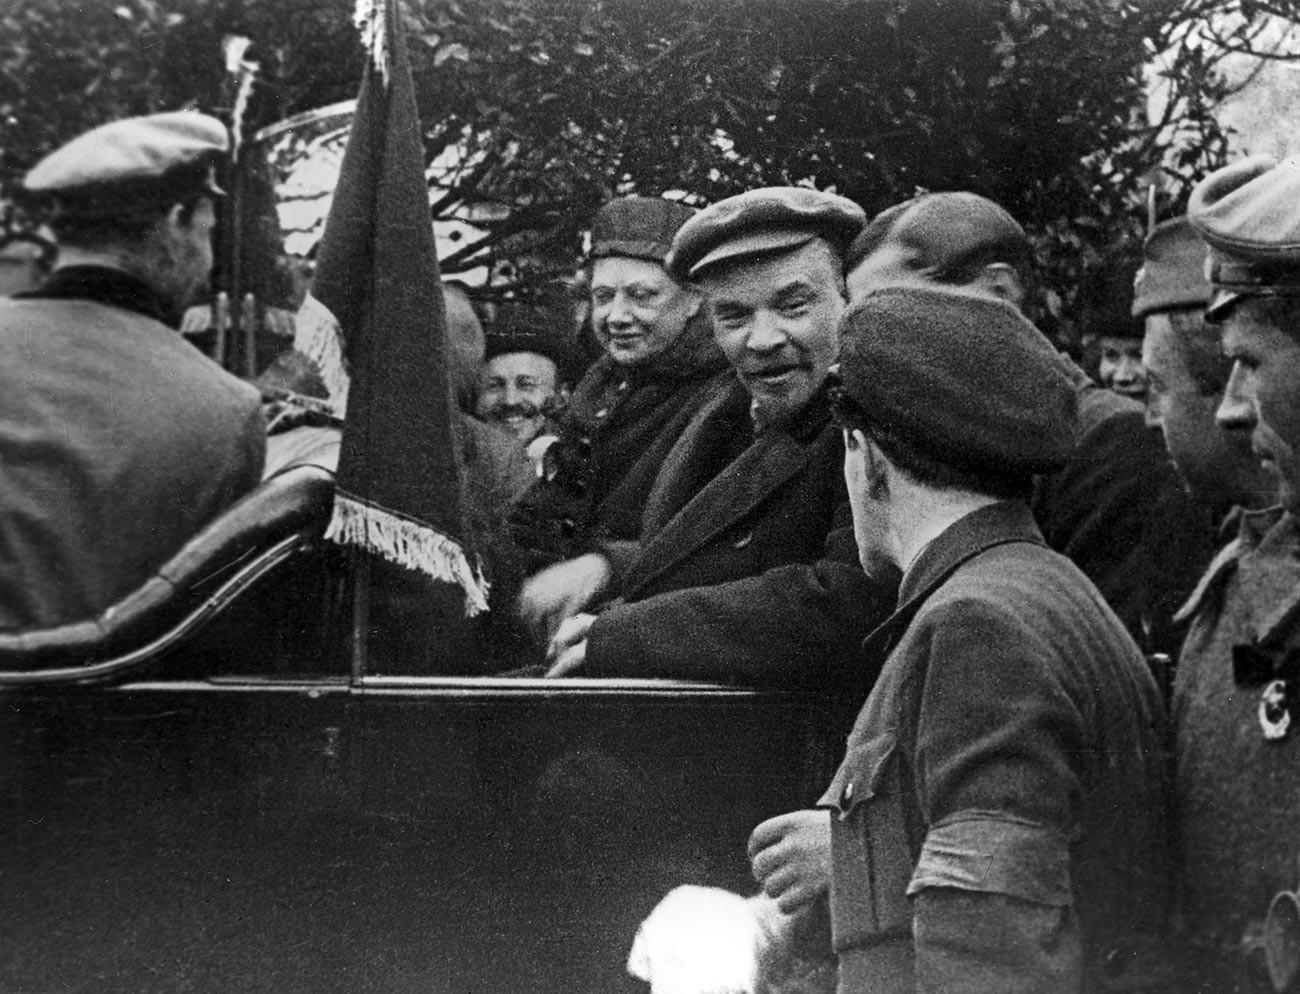 Vladímir Lenin y Nadezhda Krúpskaia en coche. La Plaza Roja. 1 de mayo de 1919.